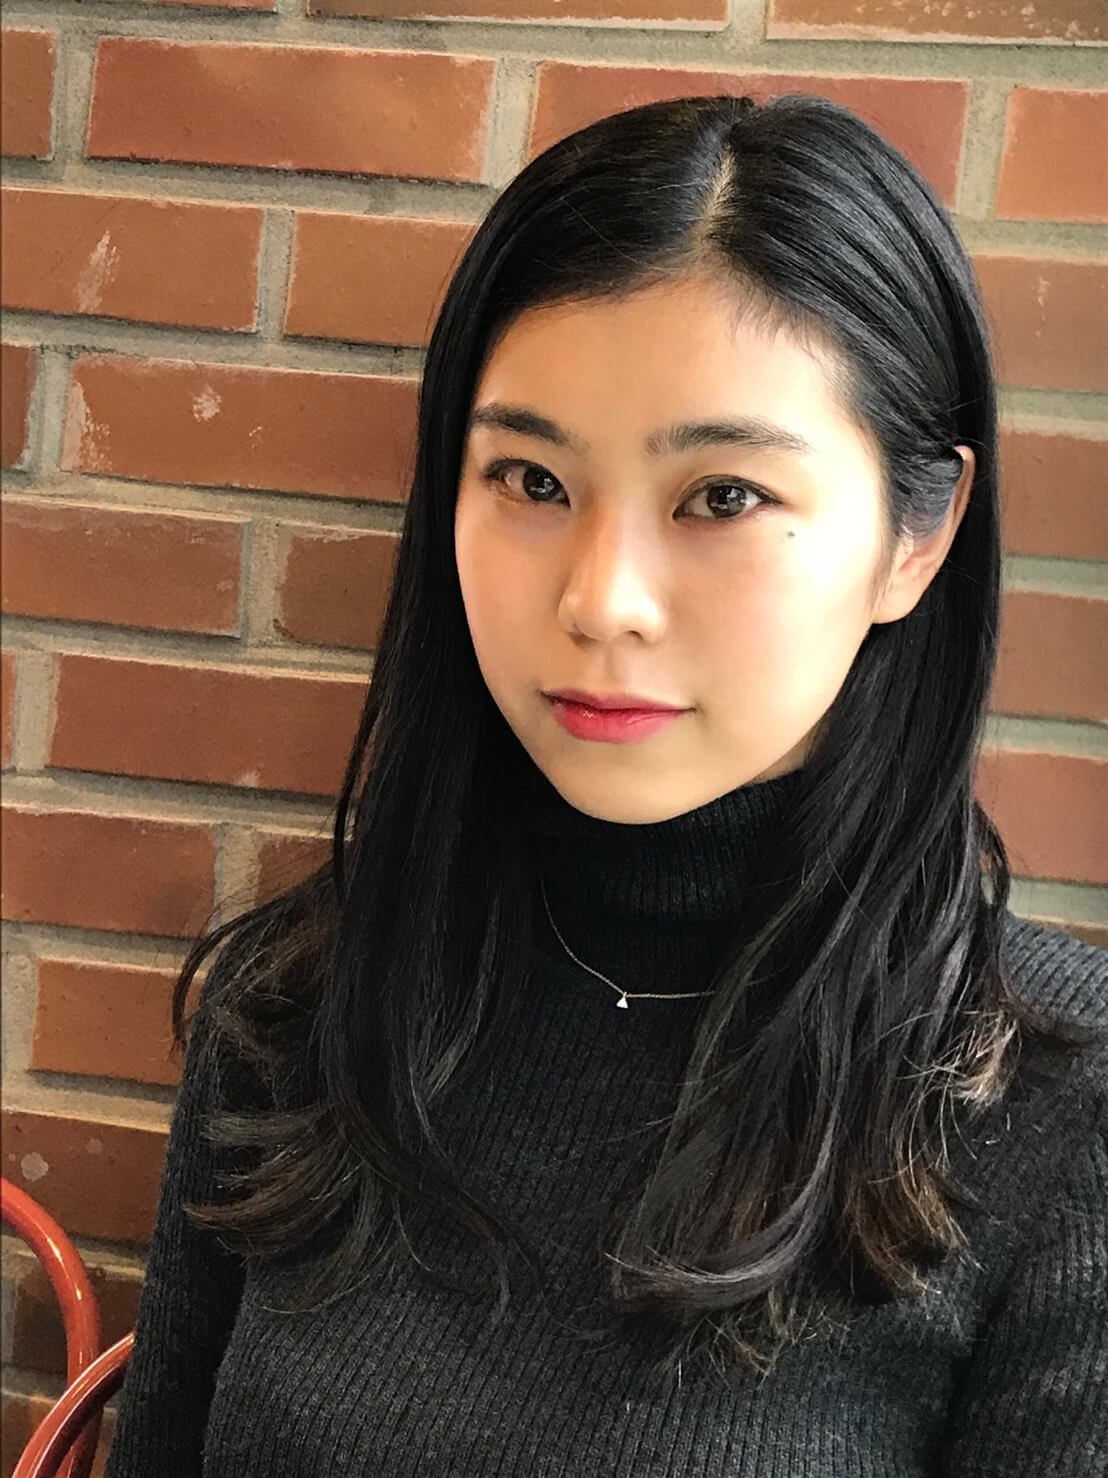 テラハ出演の治田みずき、韓国カルチャーが刺さる理由を語る|E ...